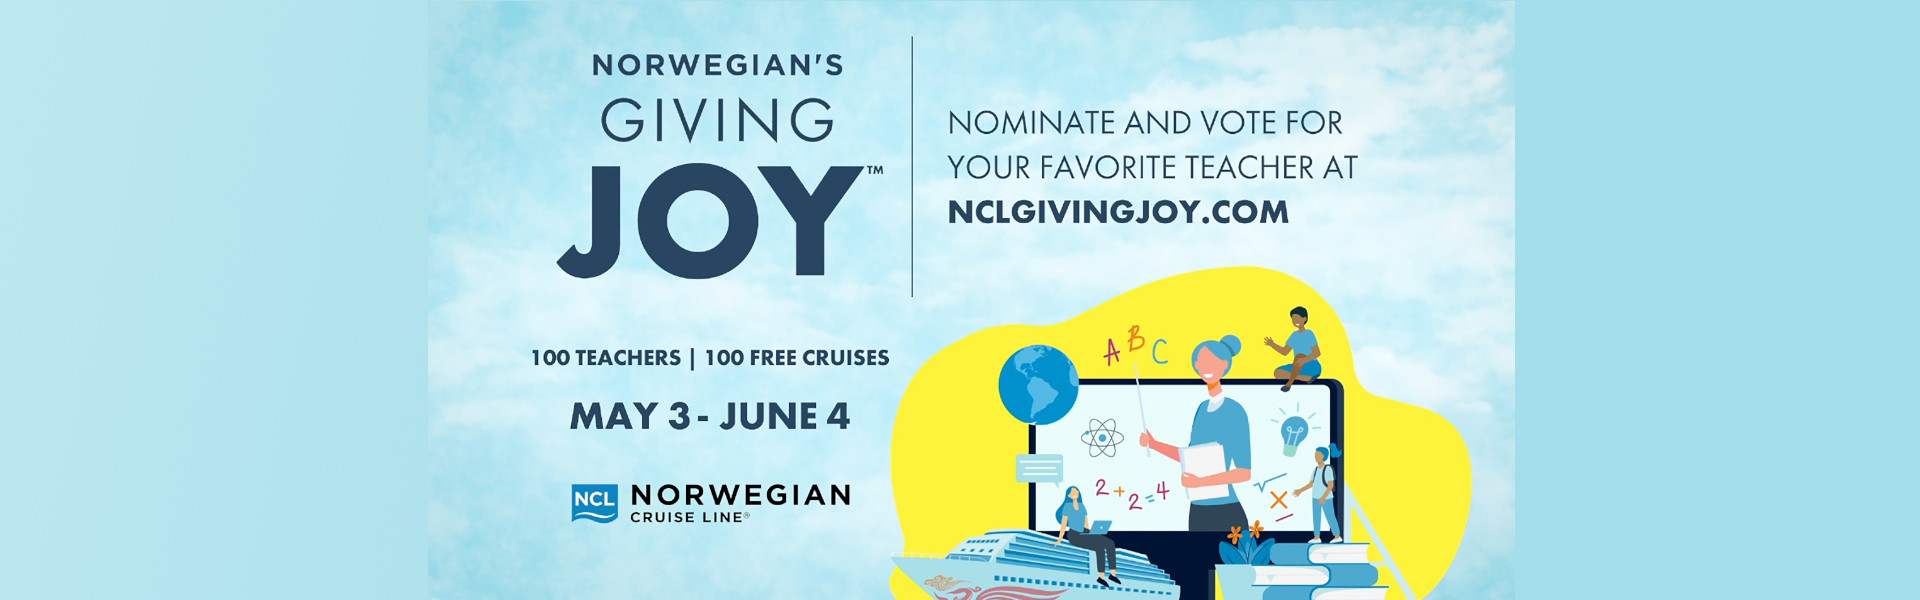 """挪威游轮排队庆祝教师欣赏周,以美国和加拿大的教育工作者""""赐予"""""""